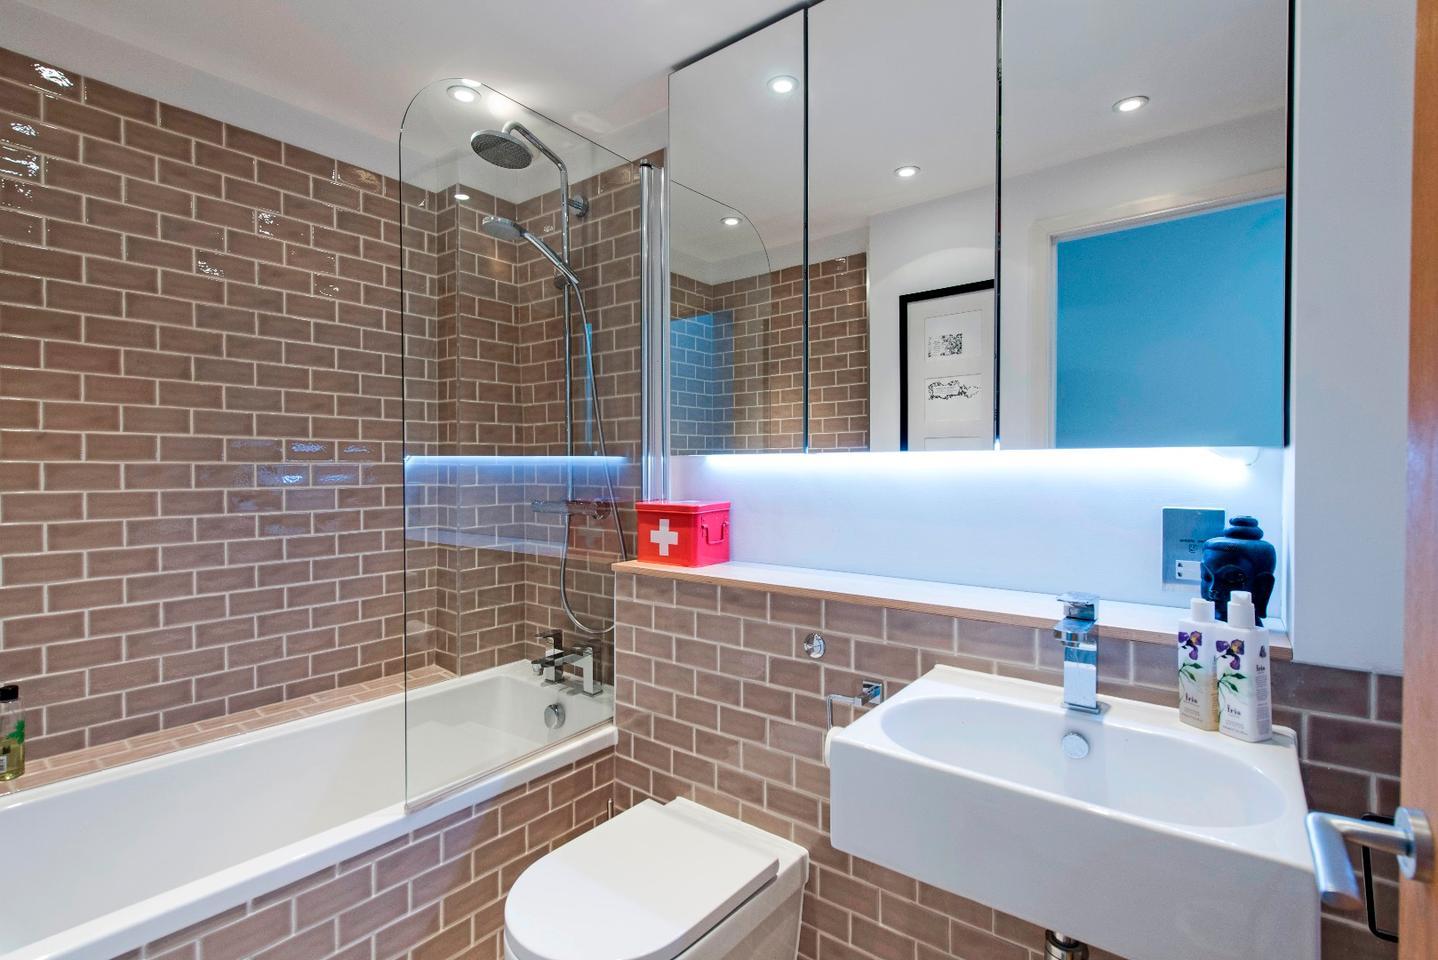 The Slim House's main bathroom